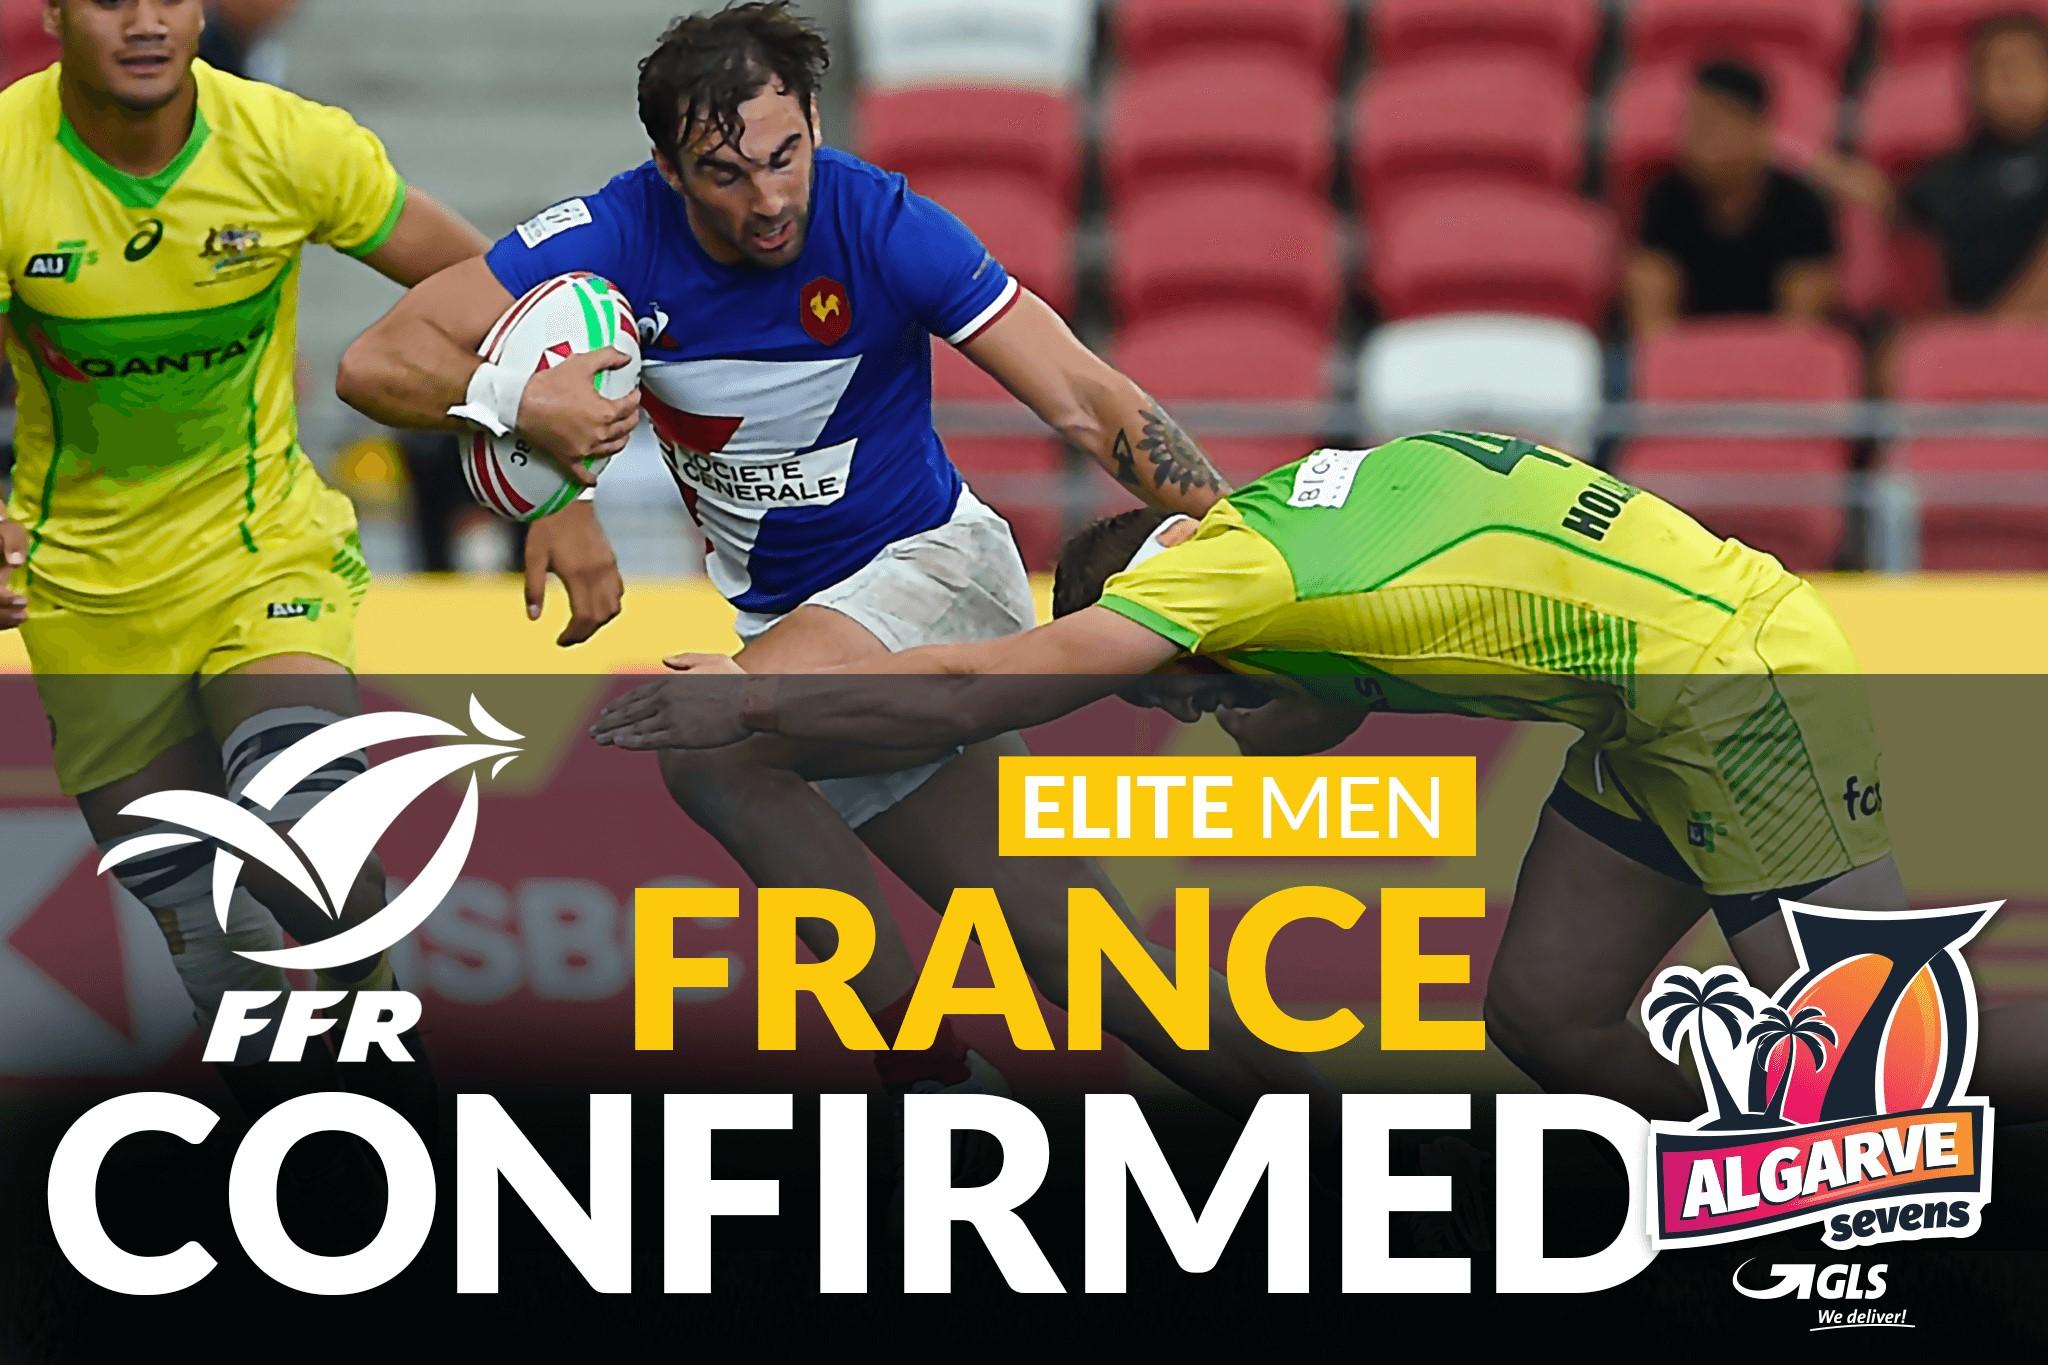 France Sevens to attend the GLS Algarve 2019 Elite Competition